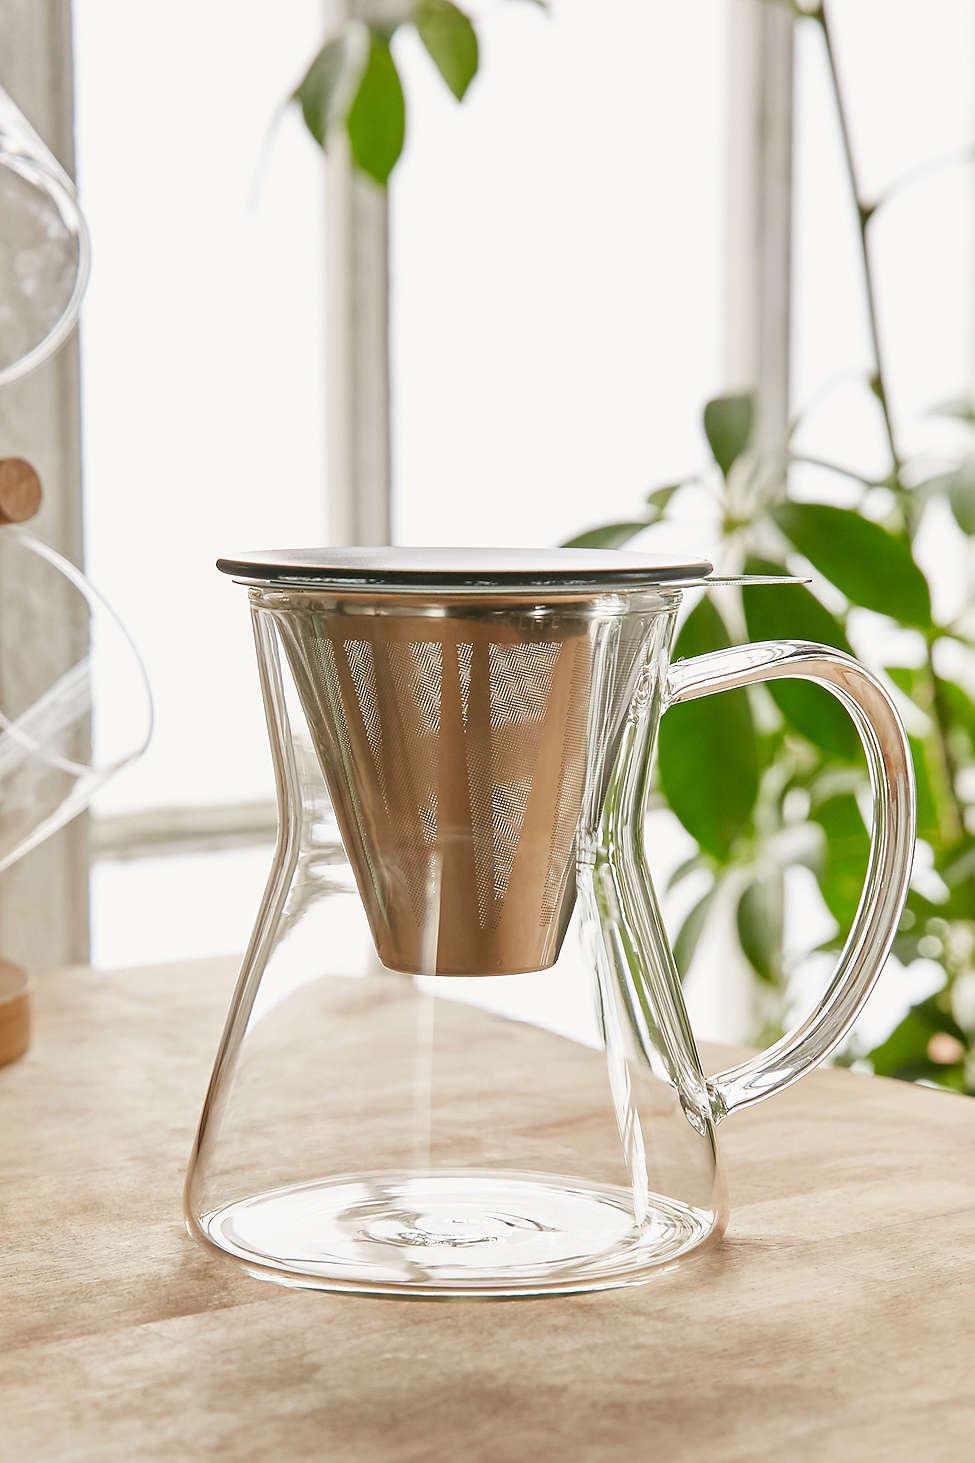 Brew-In-A-Mug Tea Infuser and Mug